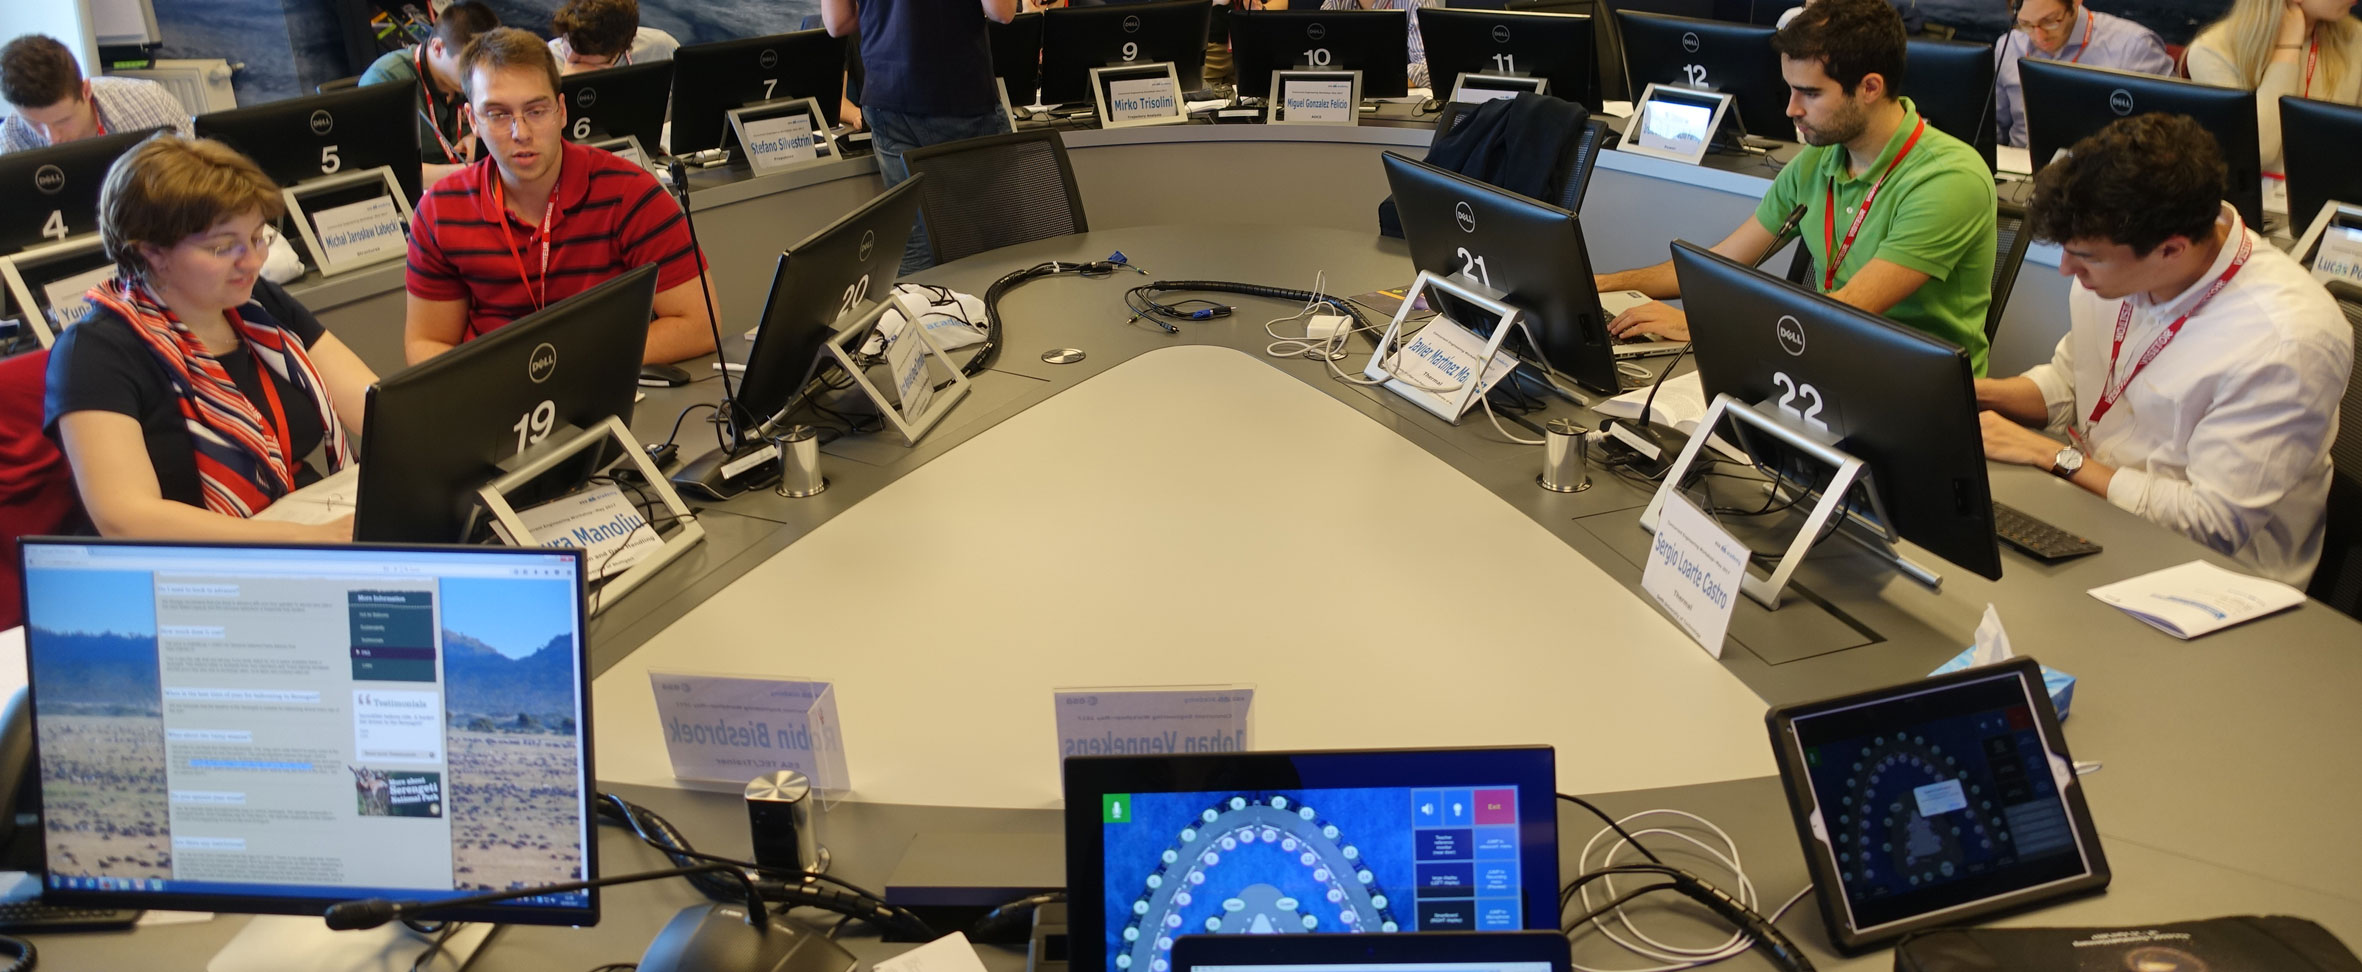 La ETSIAE de la Politécnica de Madrid es una de las sedes elegidas para el reto de Ingeniería concurrente de la Agencia Espacial Europea